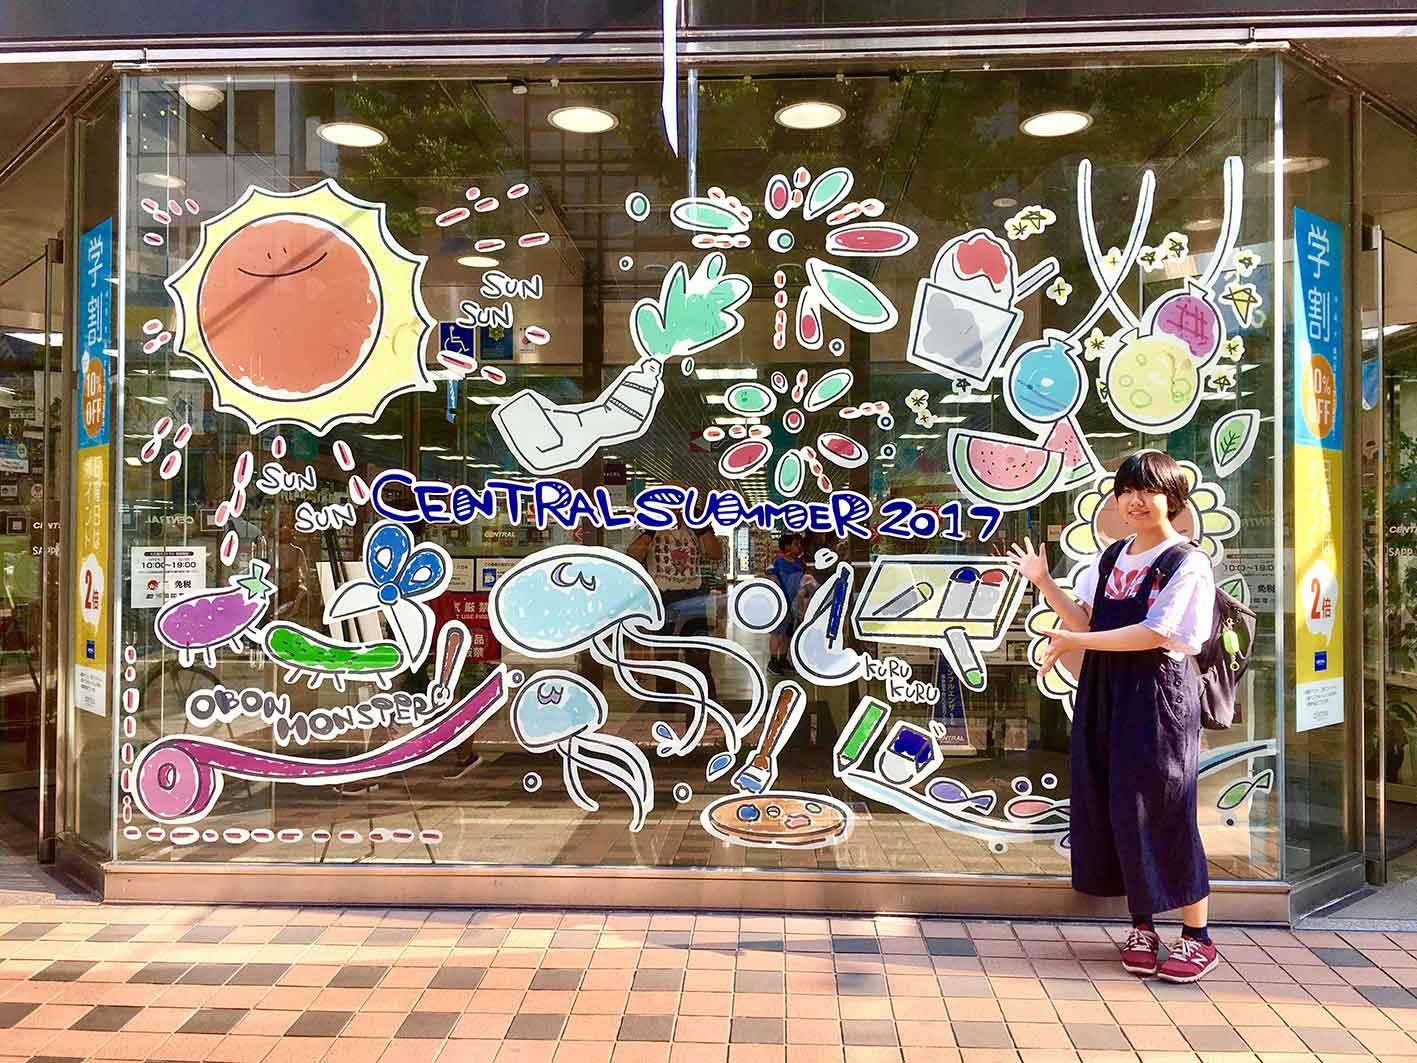 大丸藤井セントラルのショーウィンドウに本校学生のイラストが登場!